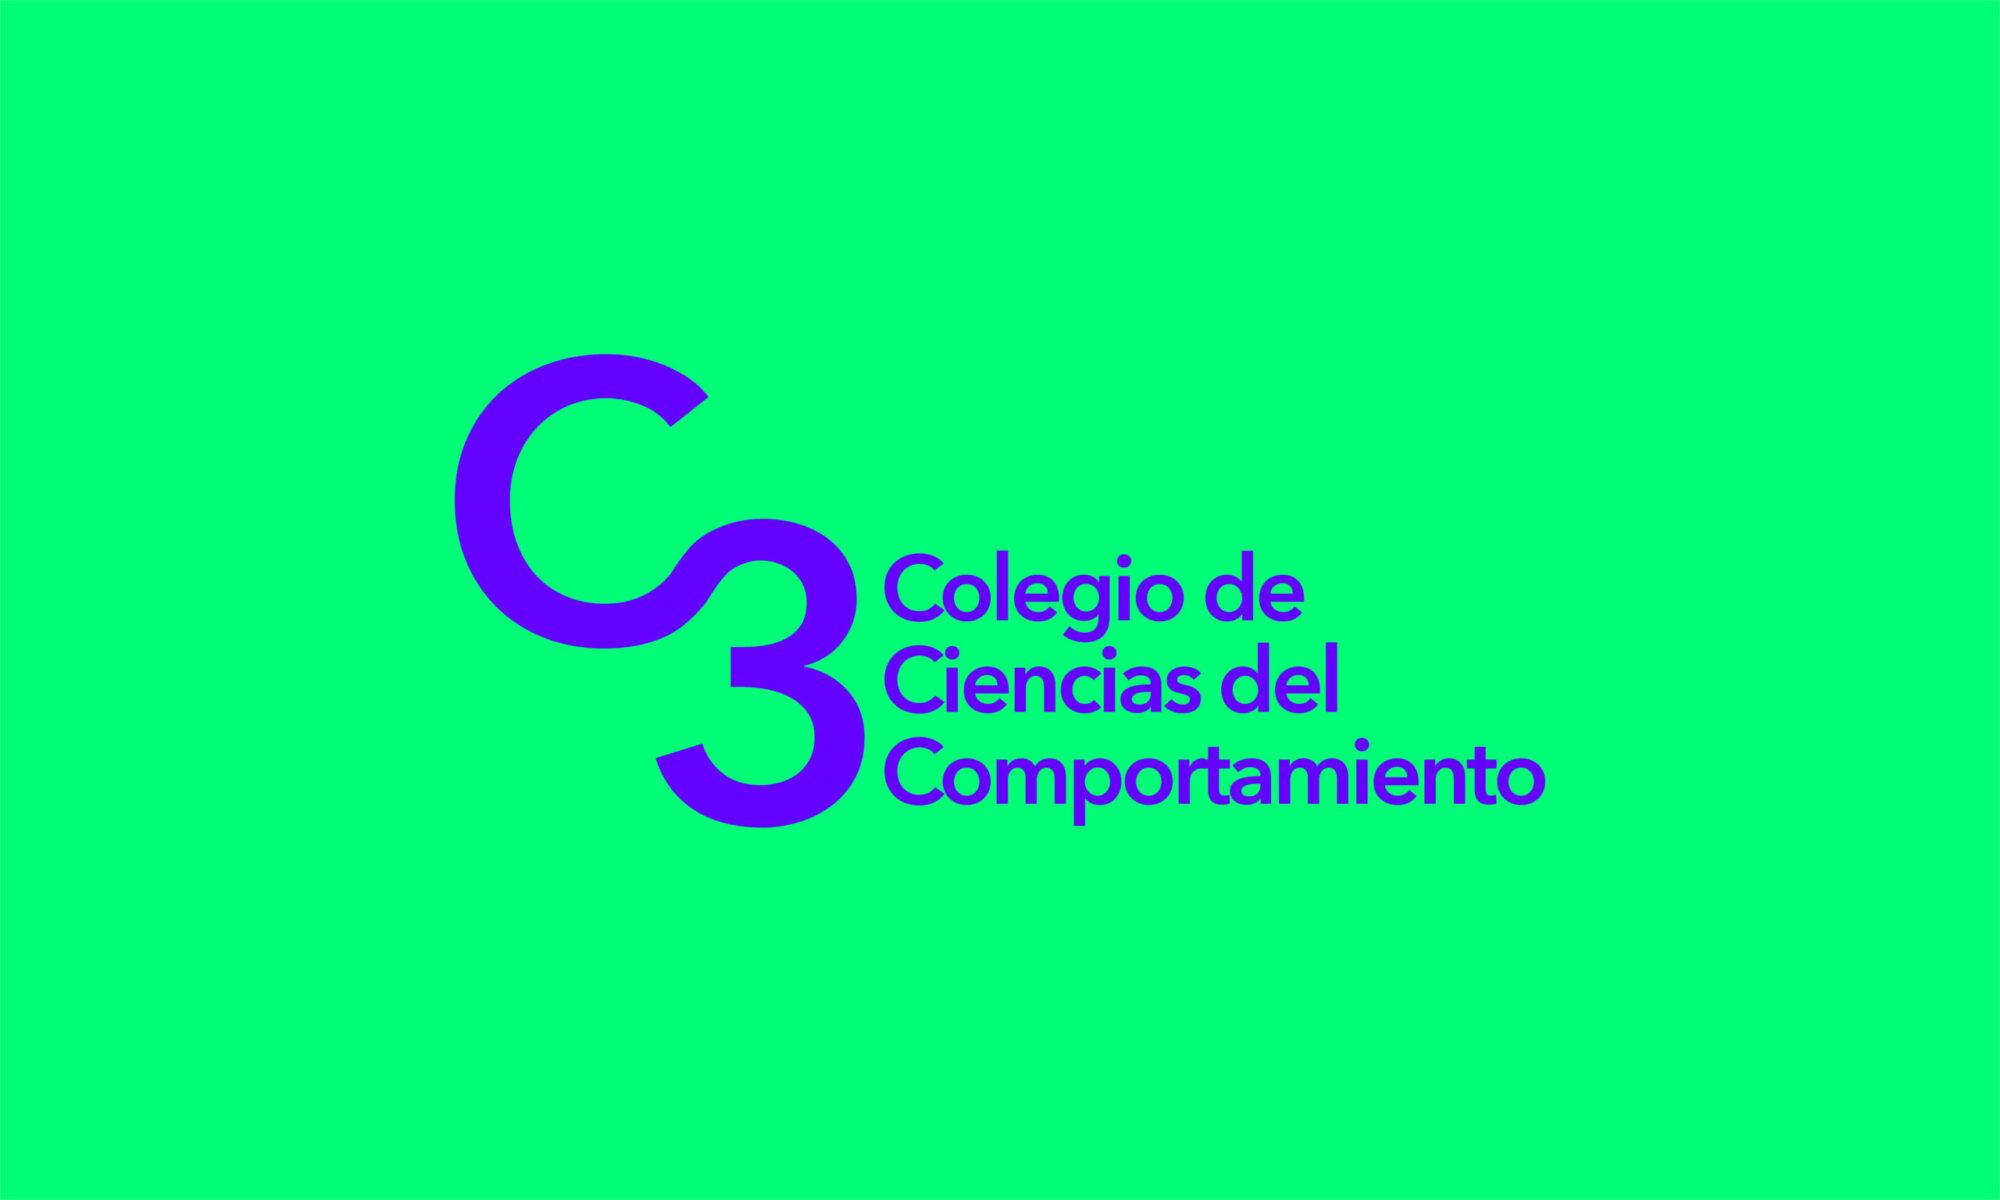 C3 - Colegio de Ciencias del Comportamiento